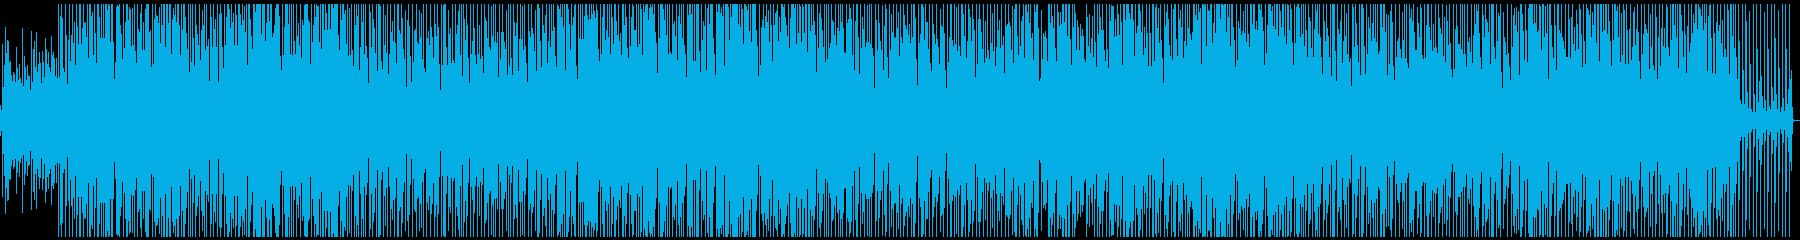 明るく開放感のあるテクノ風の再生済みの波形